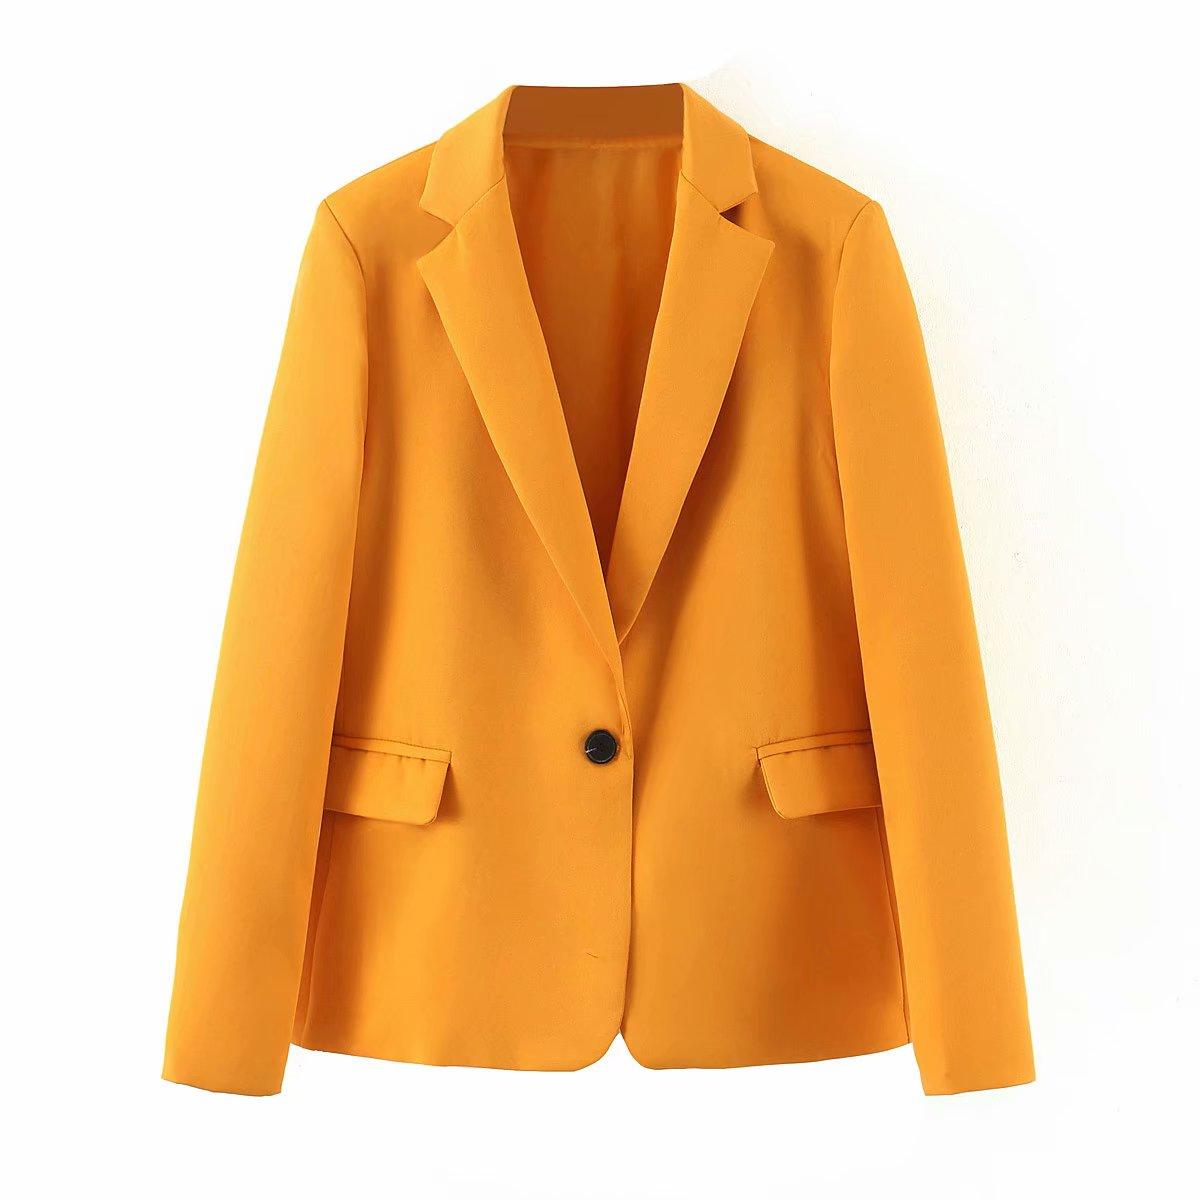 Moda mujer blazers chaqueta nuevo estilo elegante candycolor traje con un botón collar chaqueta mujer traje temperamento traje chaqueta